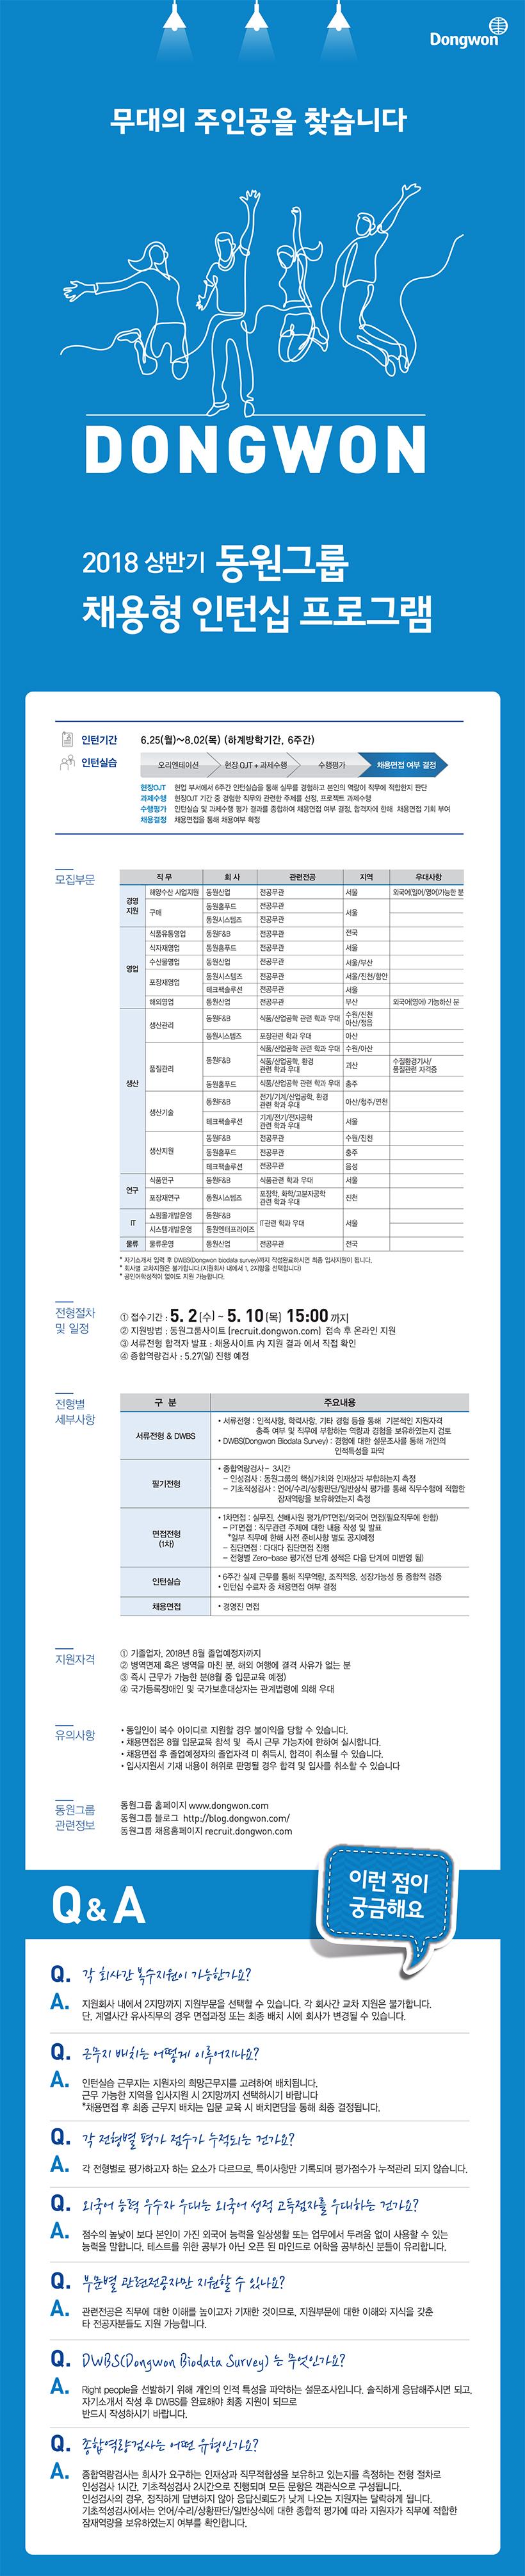 2018동원 상반기_웹플라이어_최종-2.jpg